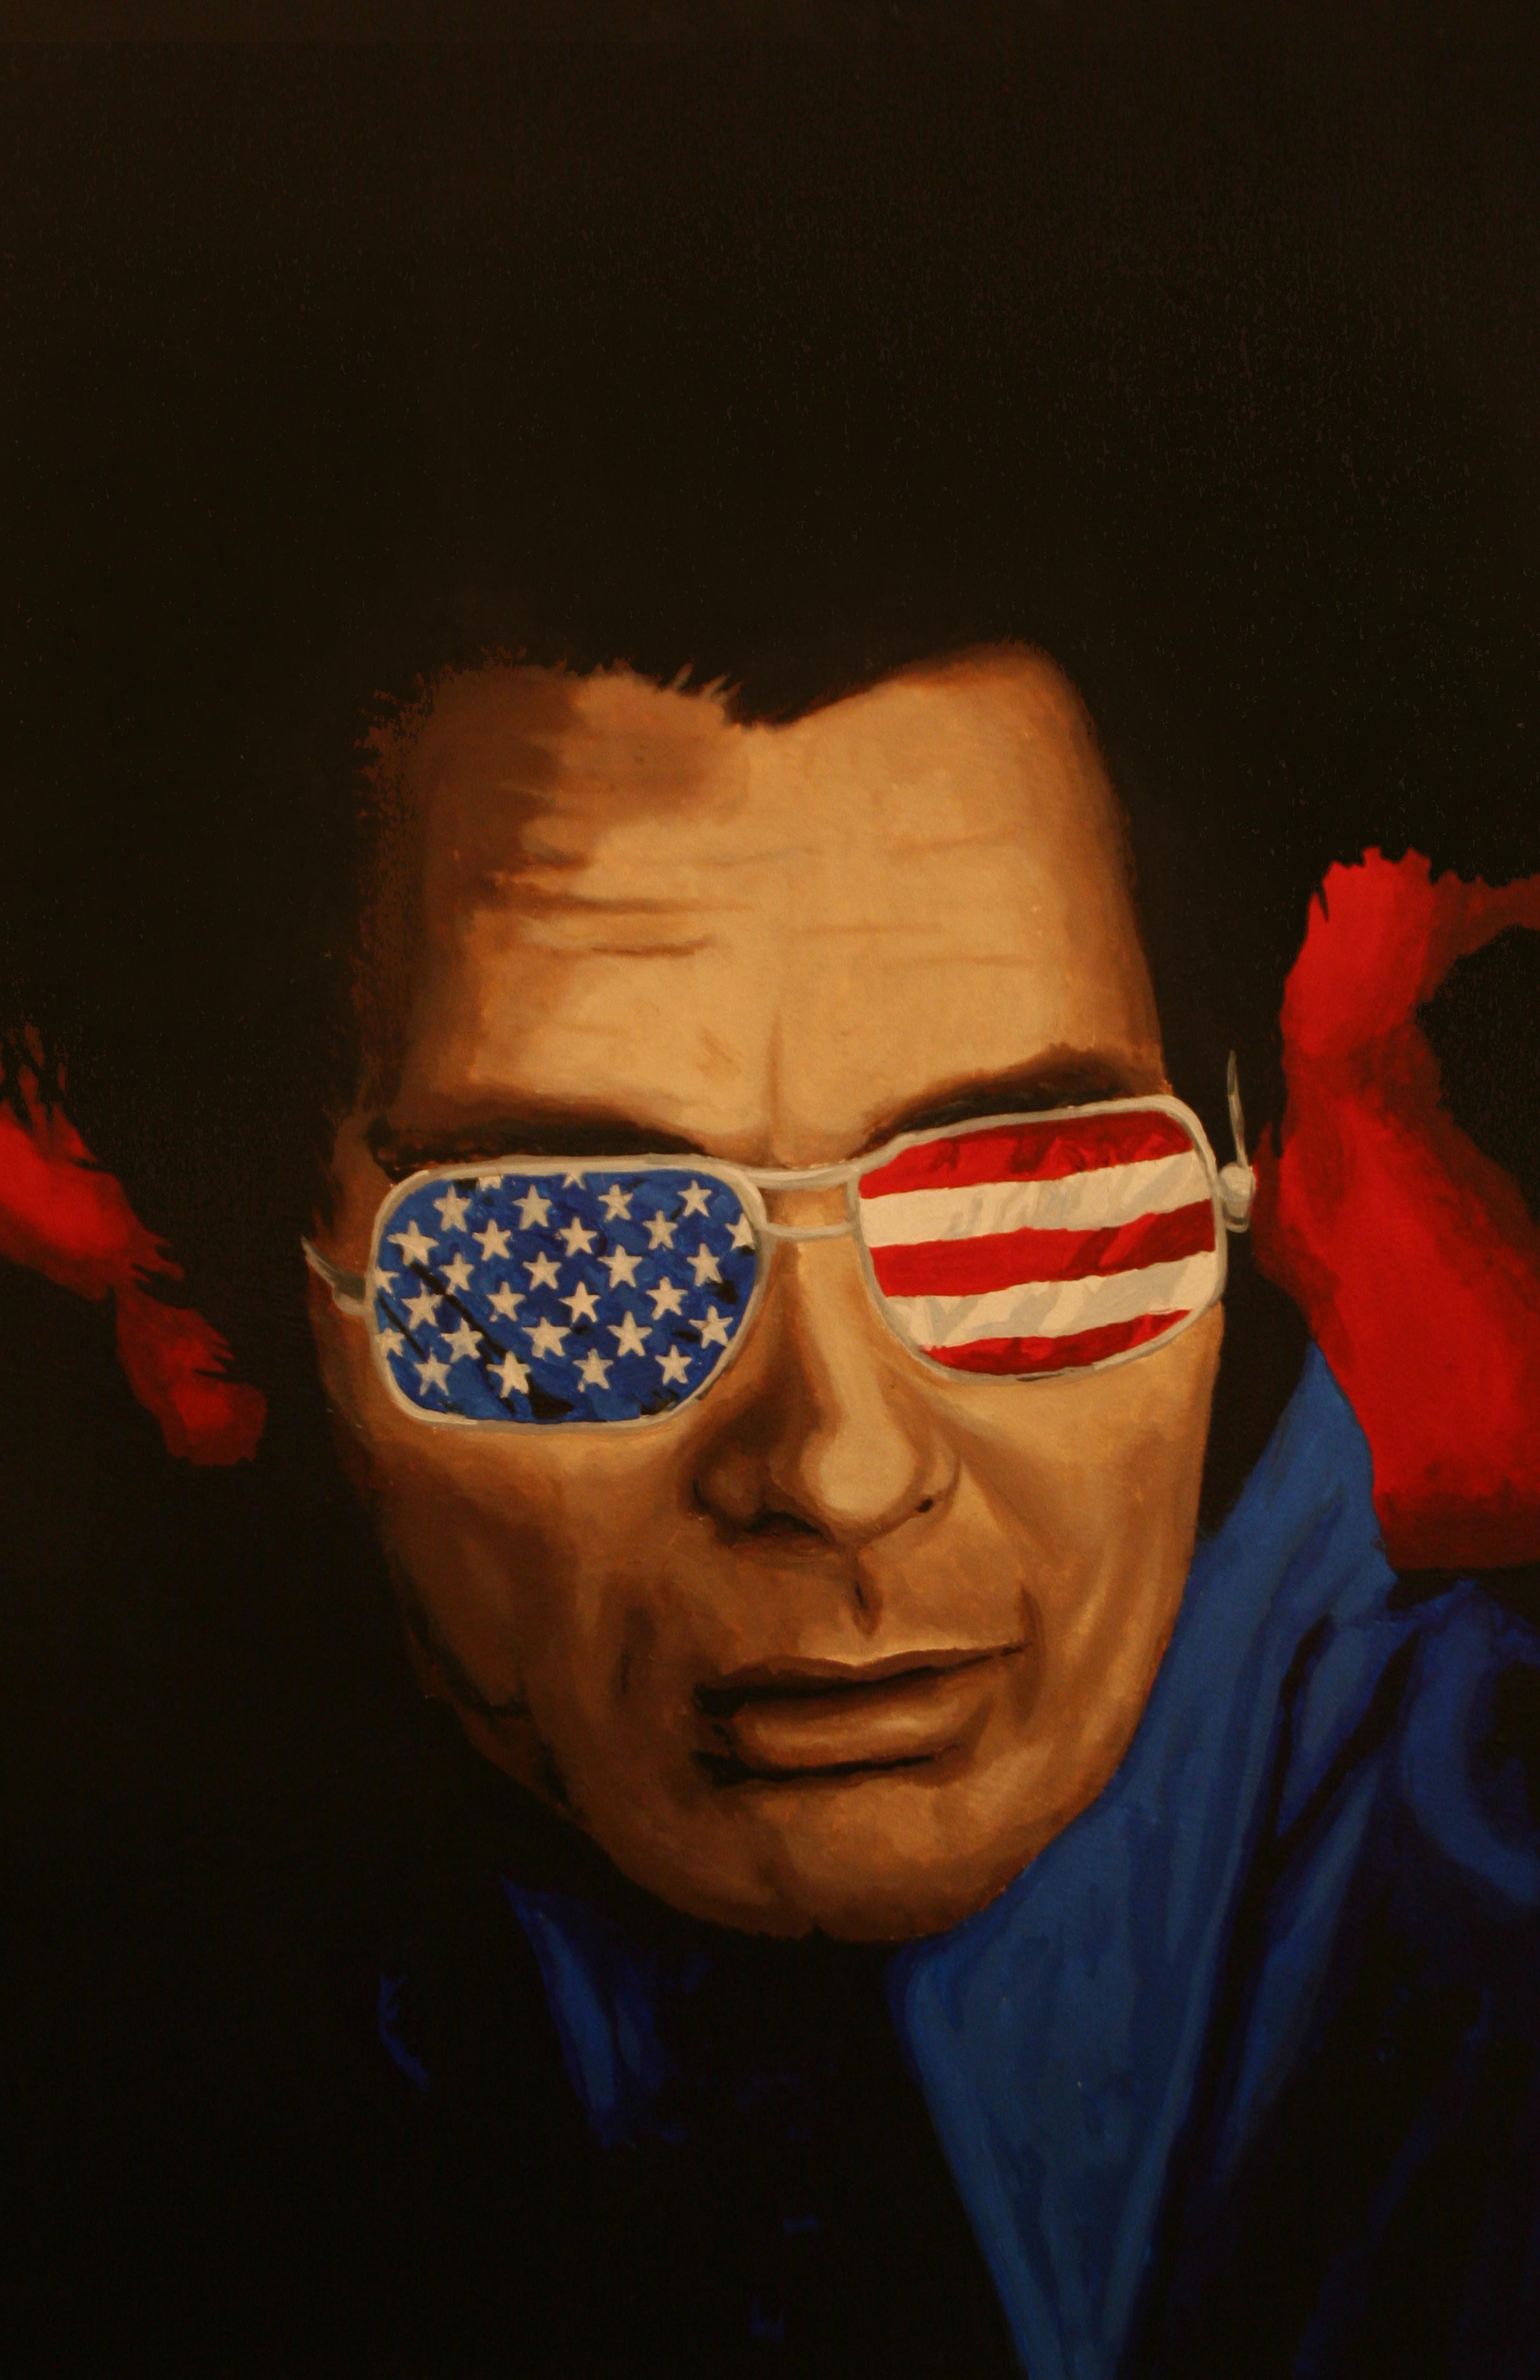 Jim Jones' American Dream